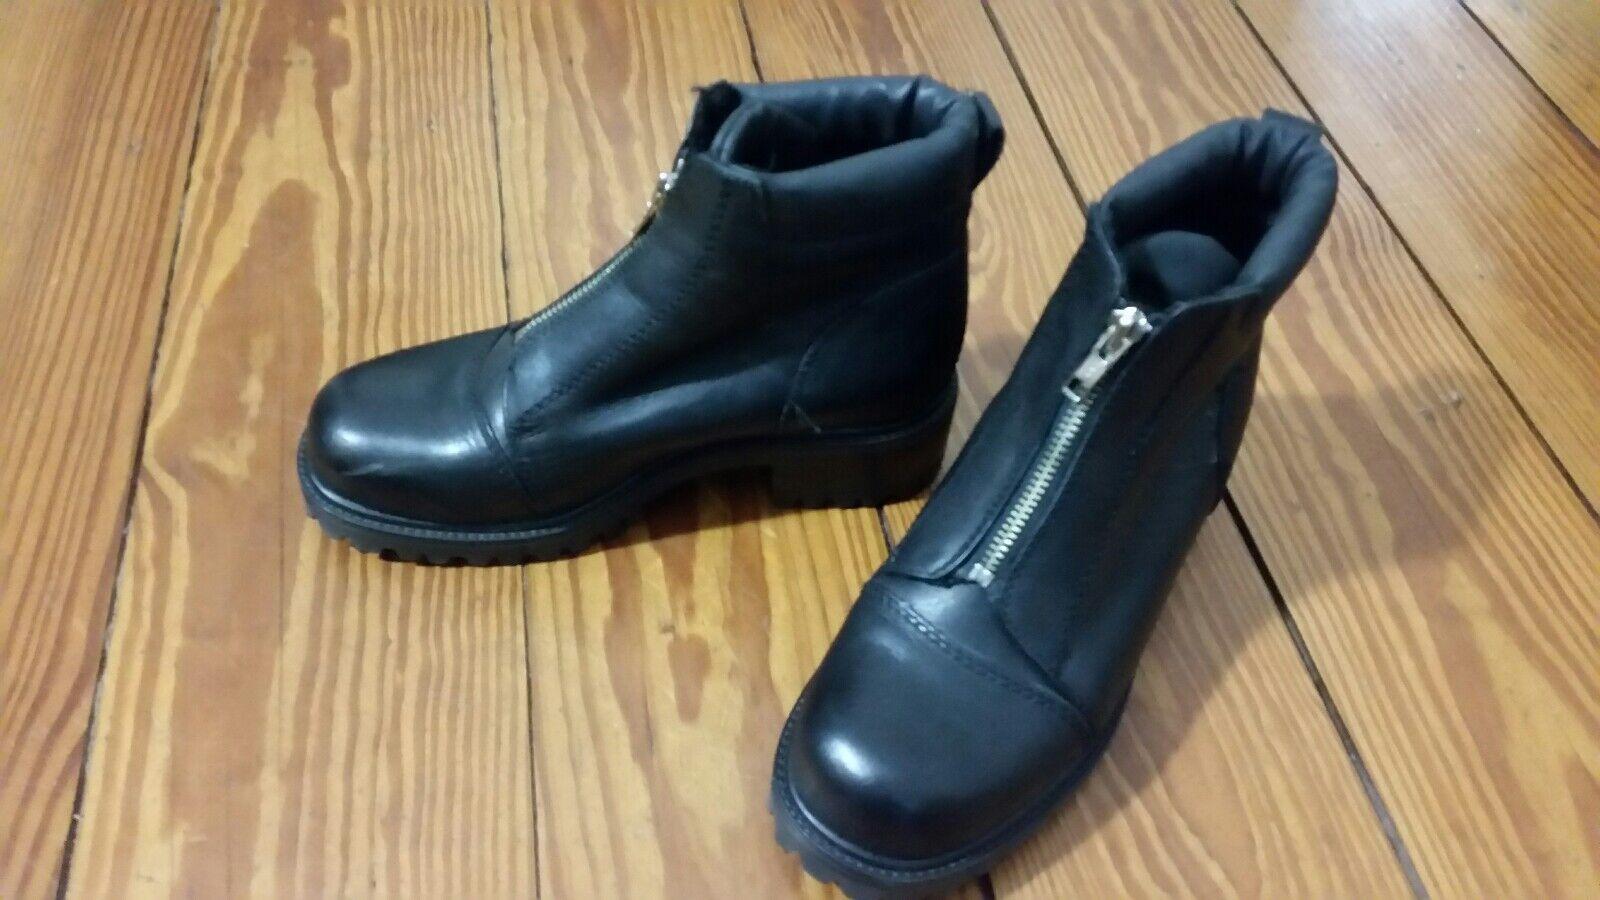 Schuhe Stiefel 38 schwarz echt Leder made made made in italy Stiefeletten derbe Blockabsatz 6dfebd